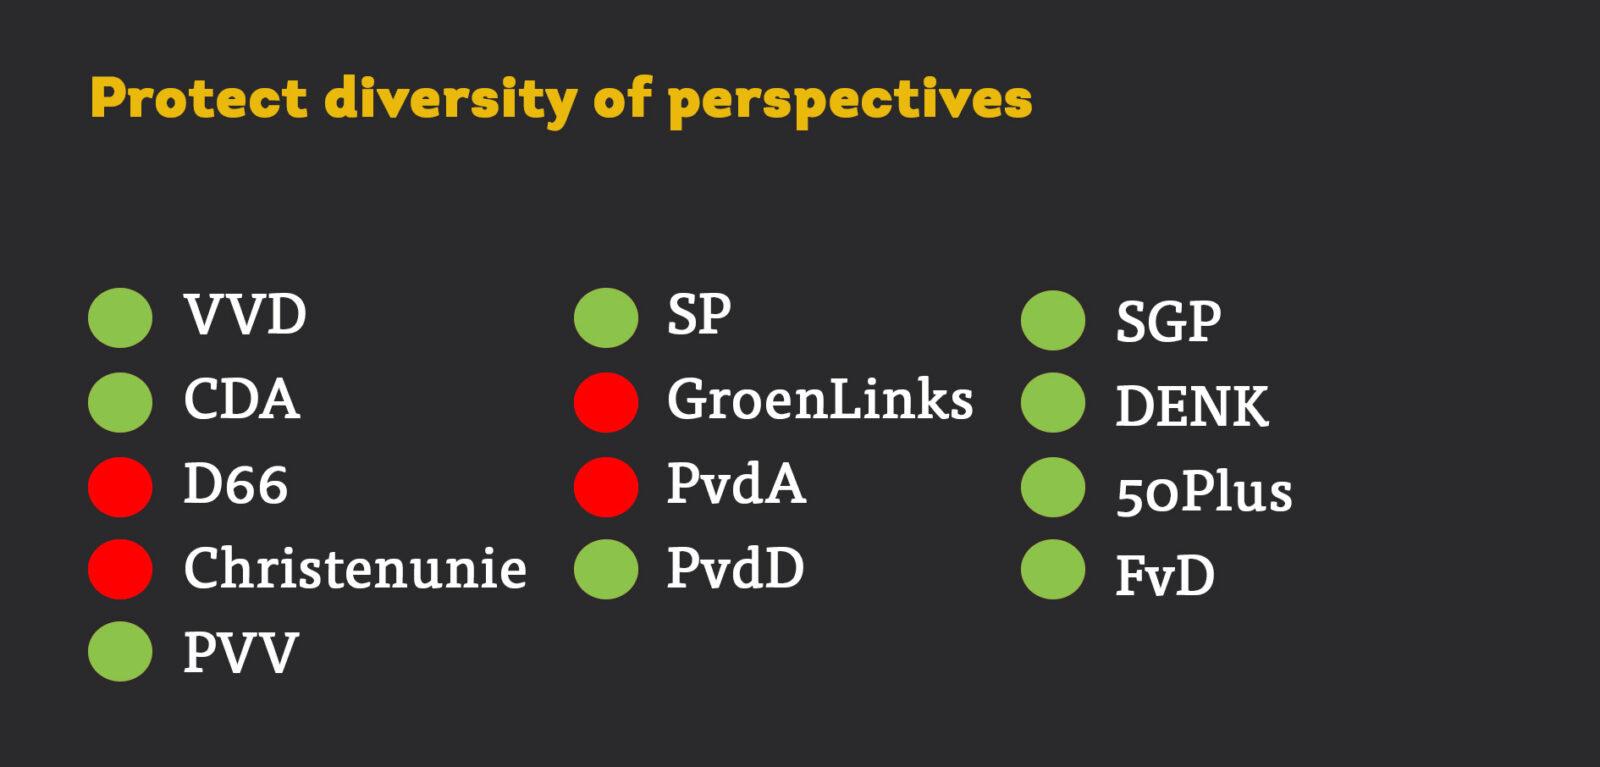 motie diversiteit perspectieven